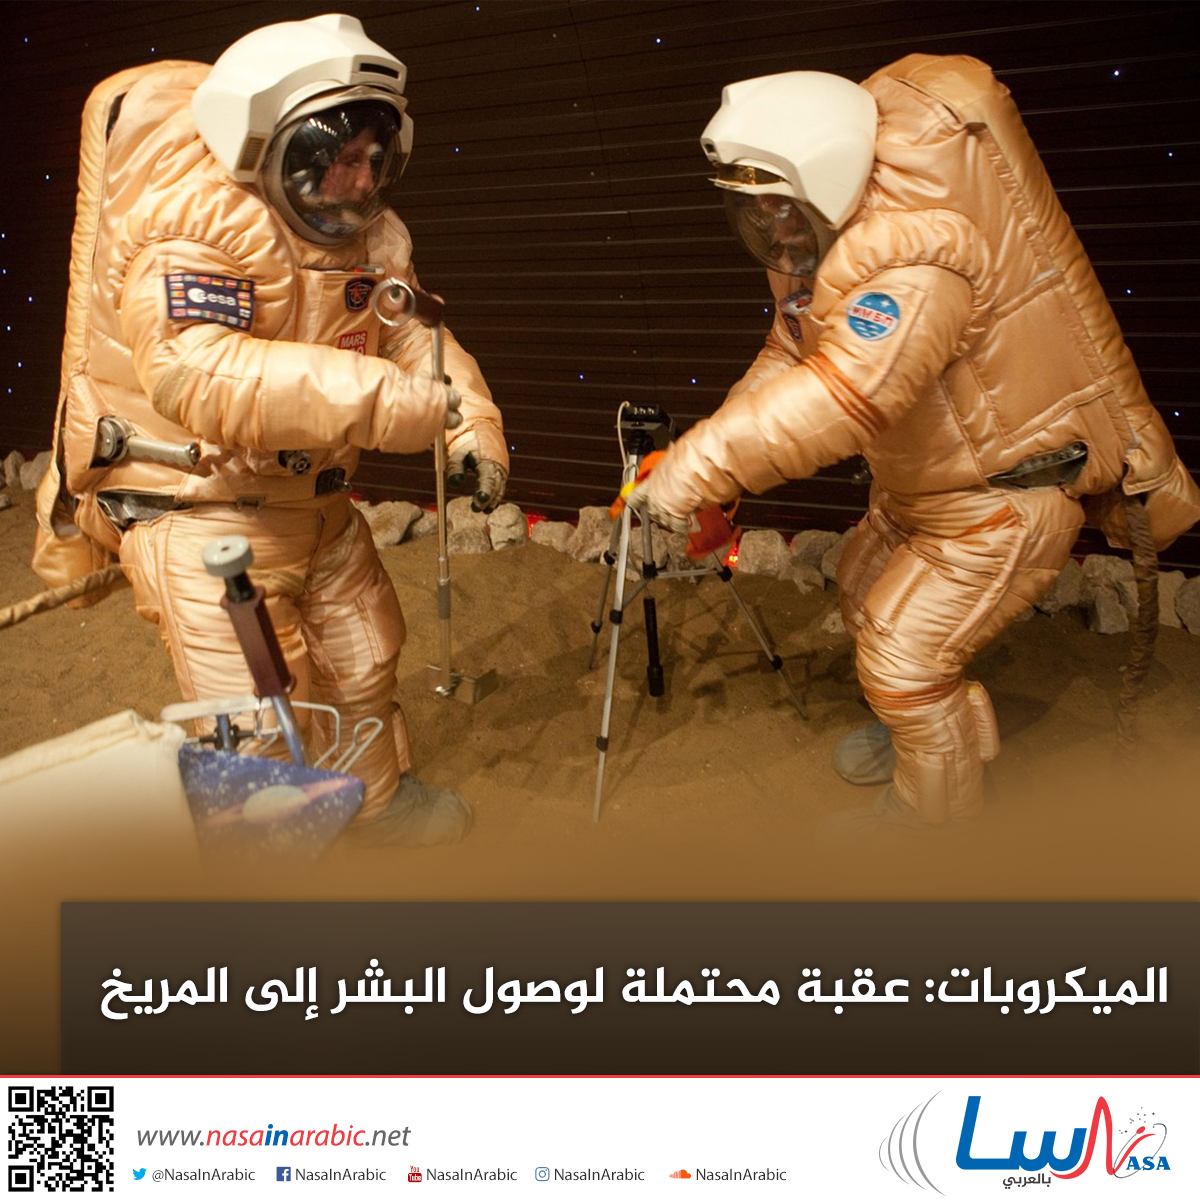 الميكروبات: عقبة محتملة لوصول البشر إلى المريخ